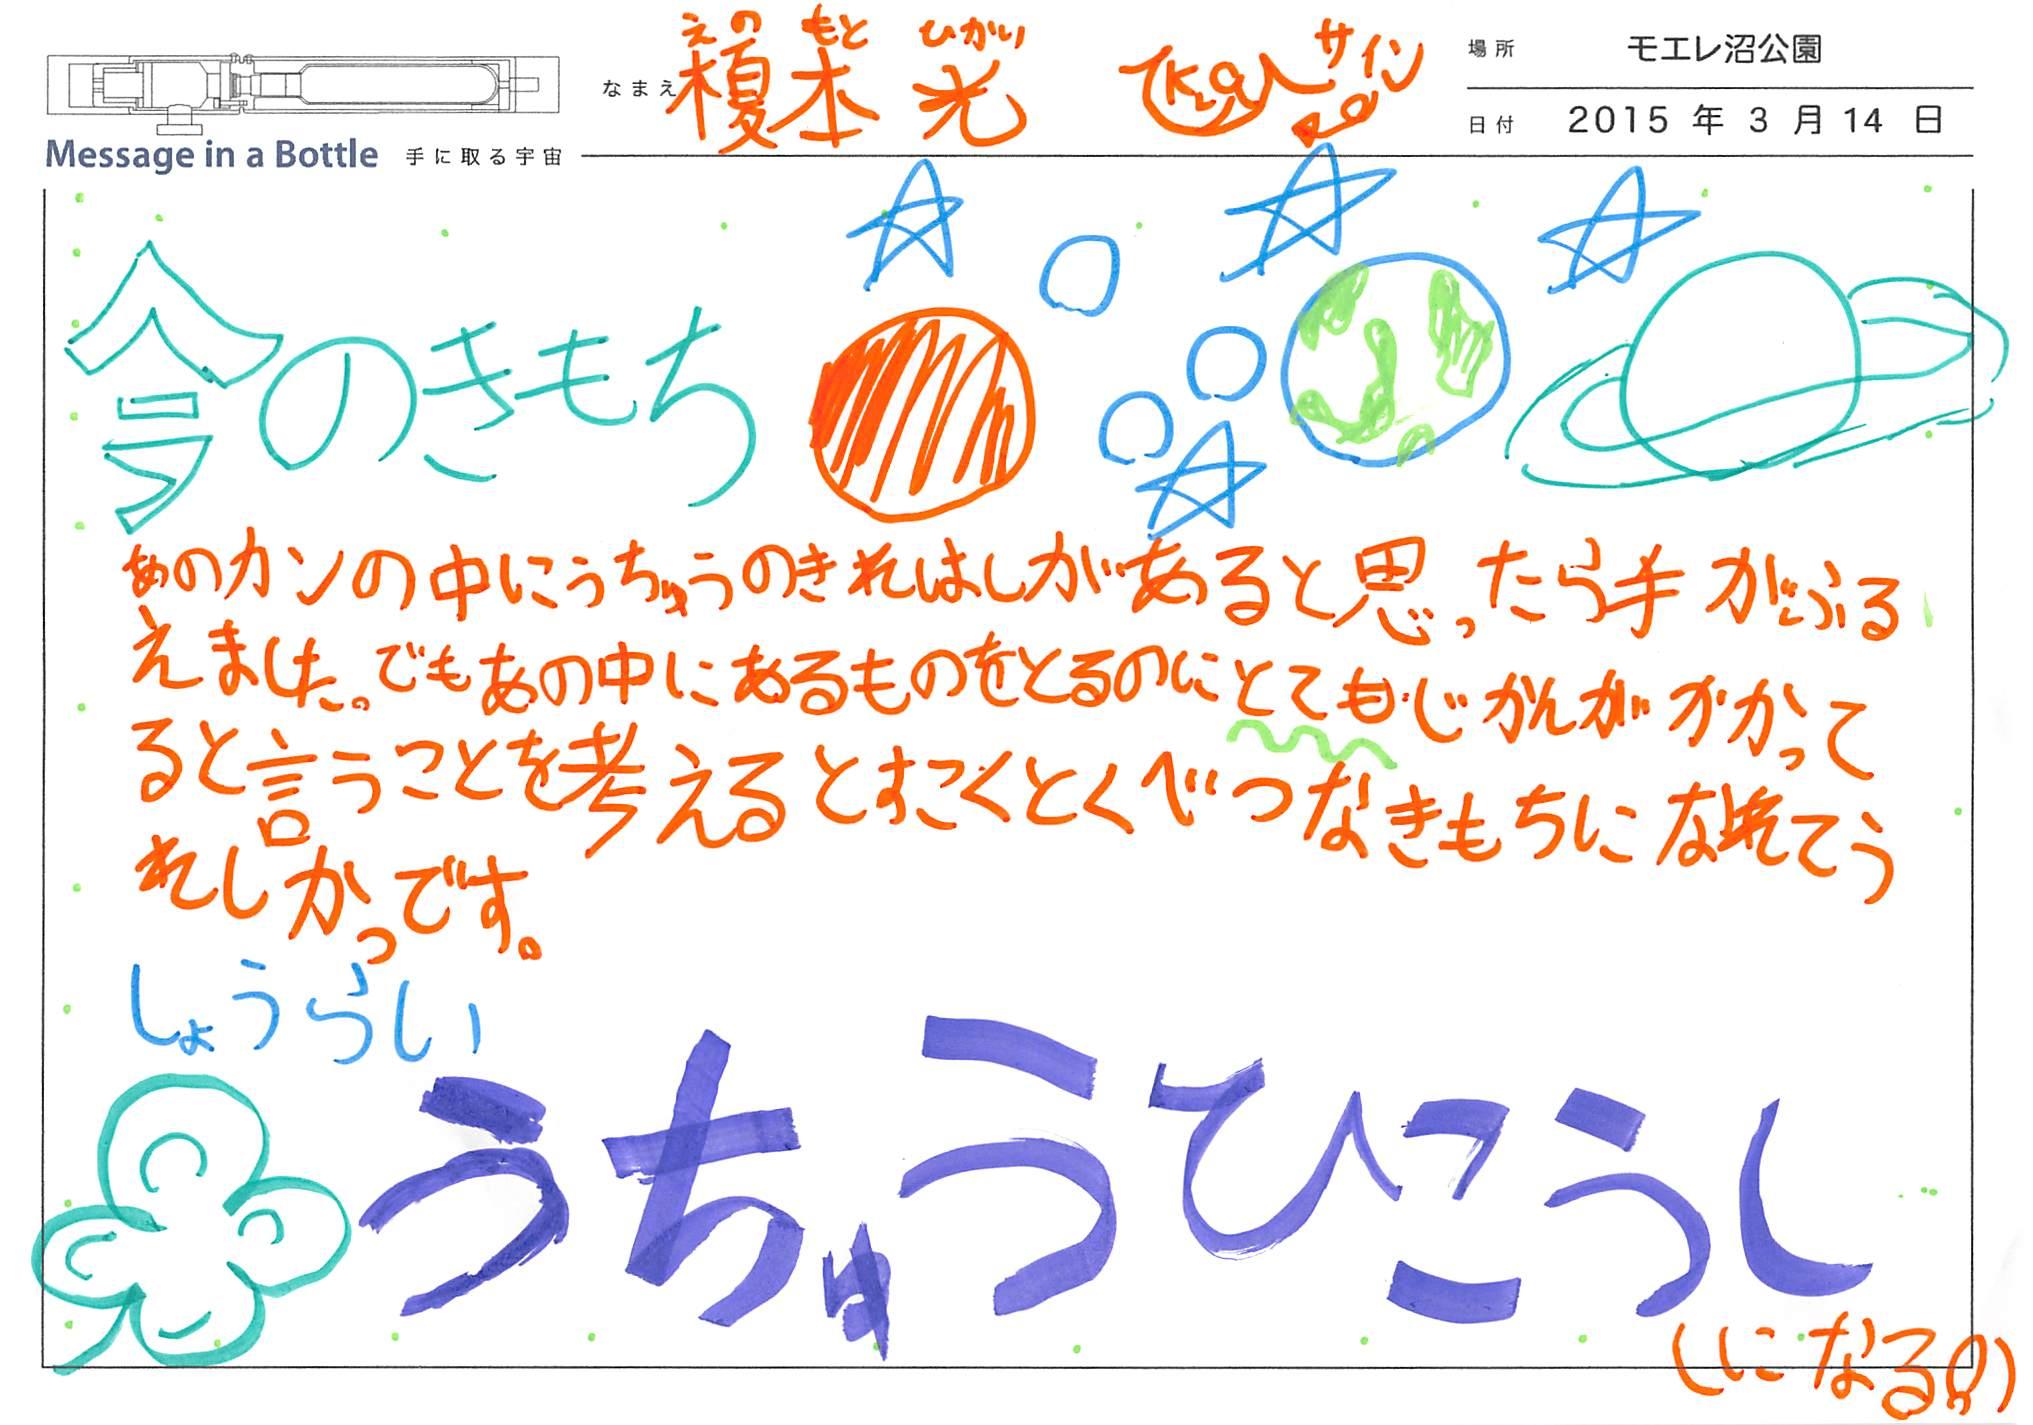 2015-03-14-18-04-21.jpg